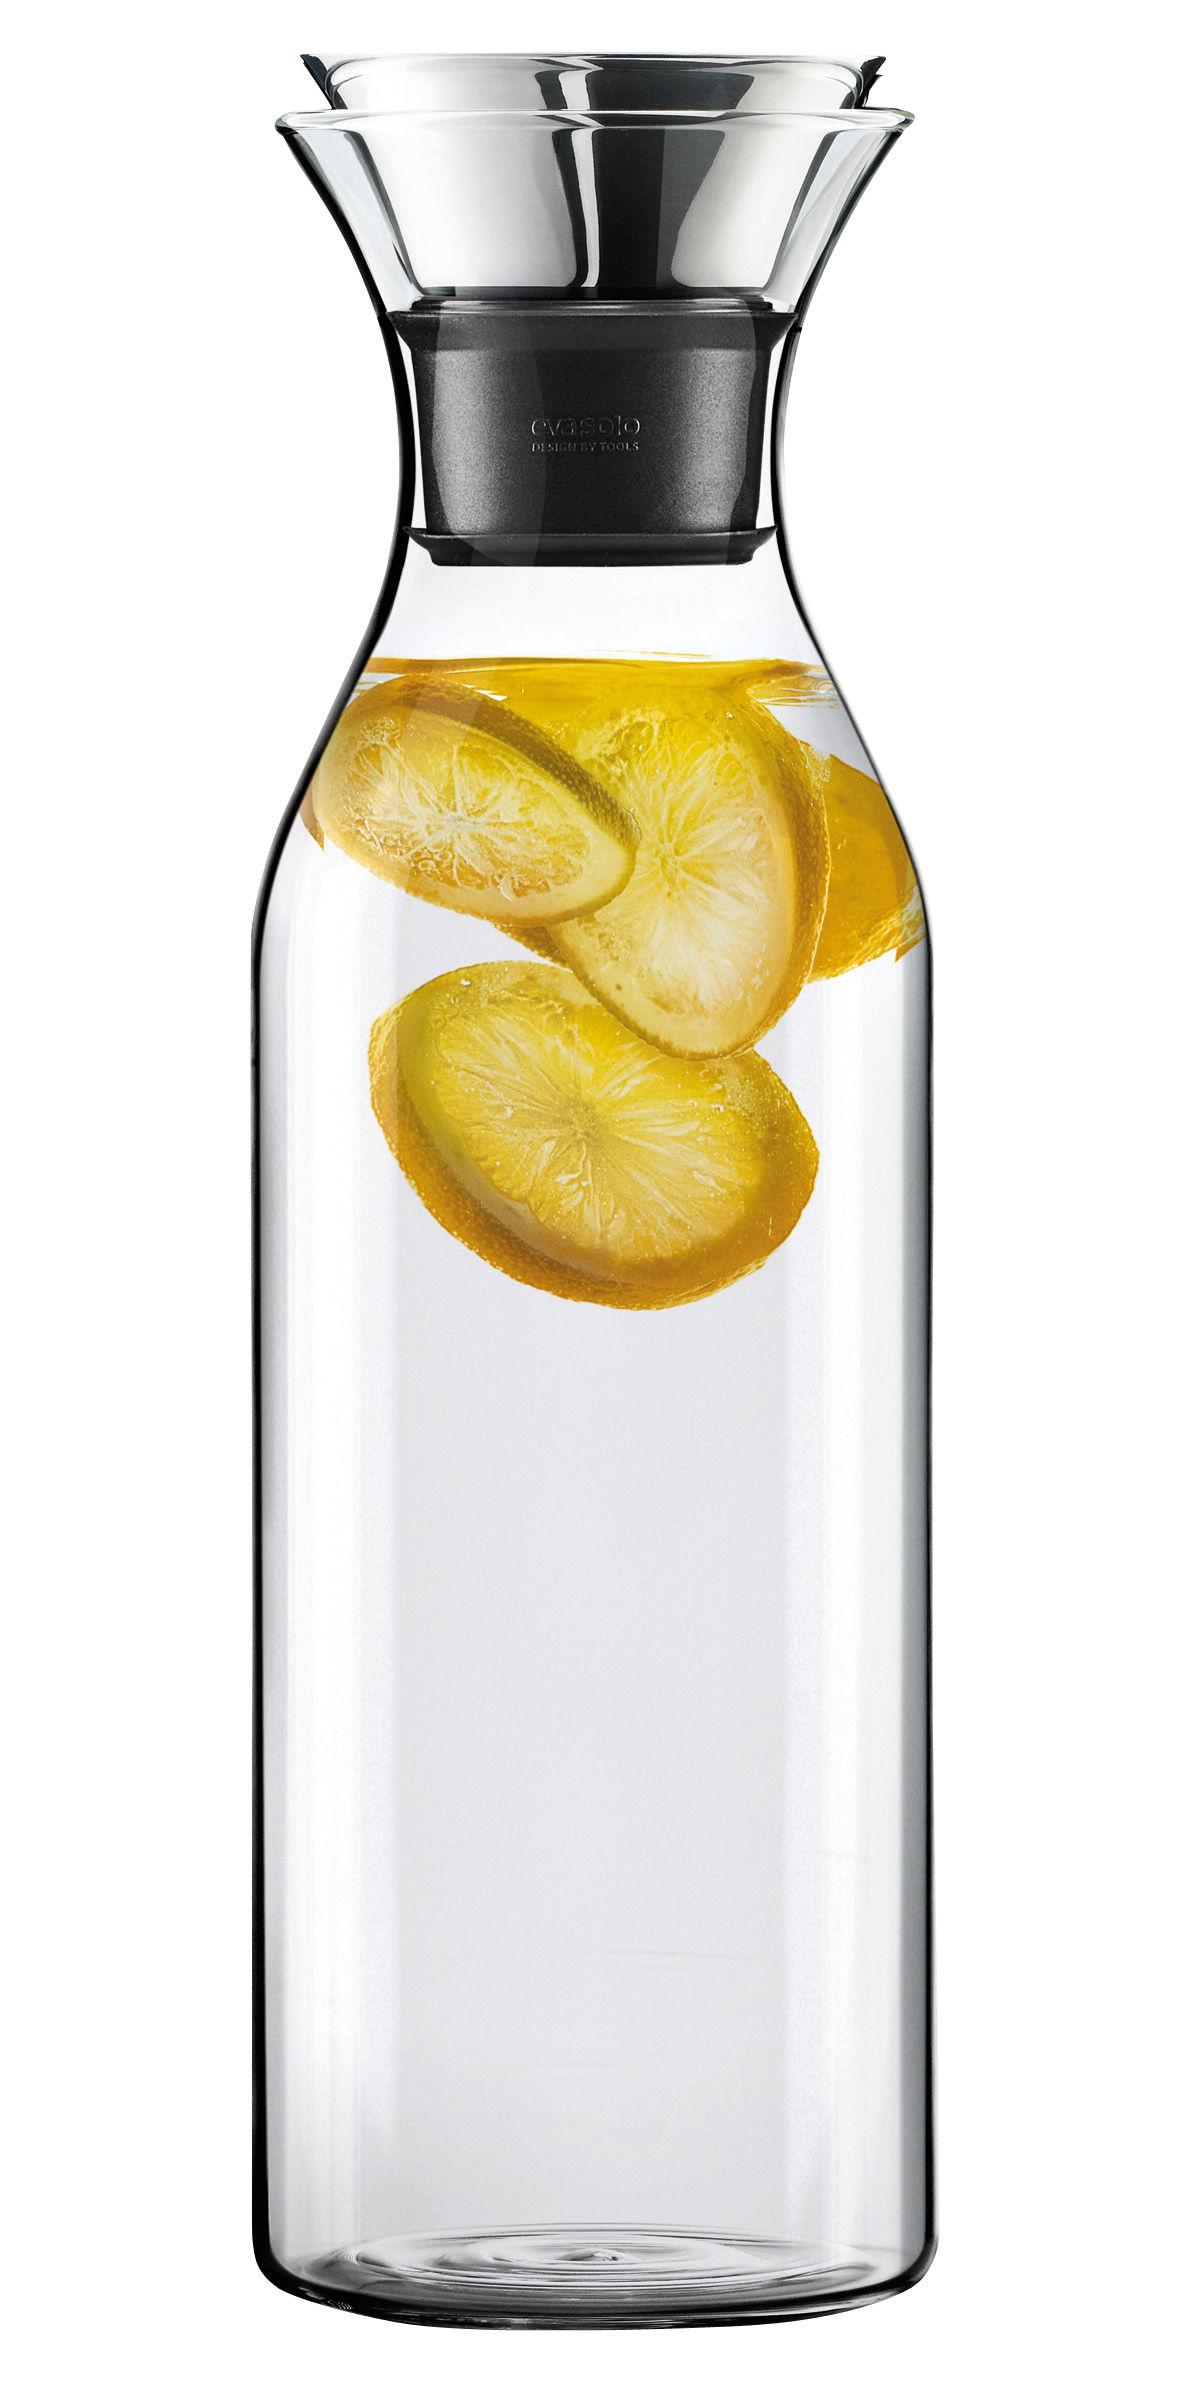 Arts de la table - Carafes et décanteurs - Carafe Stoppe-goutte 1,4 L / Sans fourreau - Eva Solo - Transparent - Verre